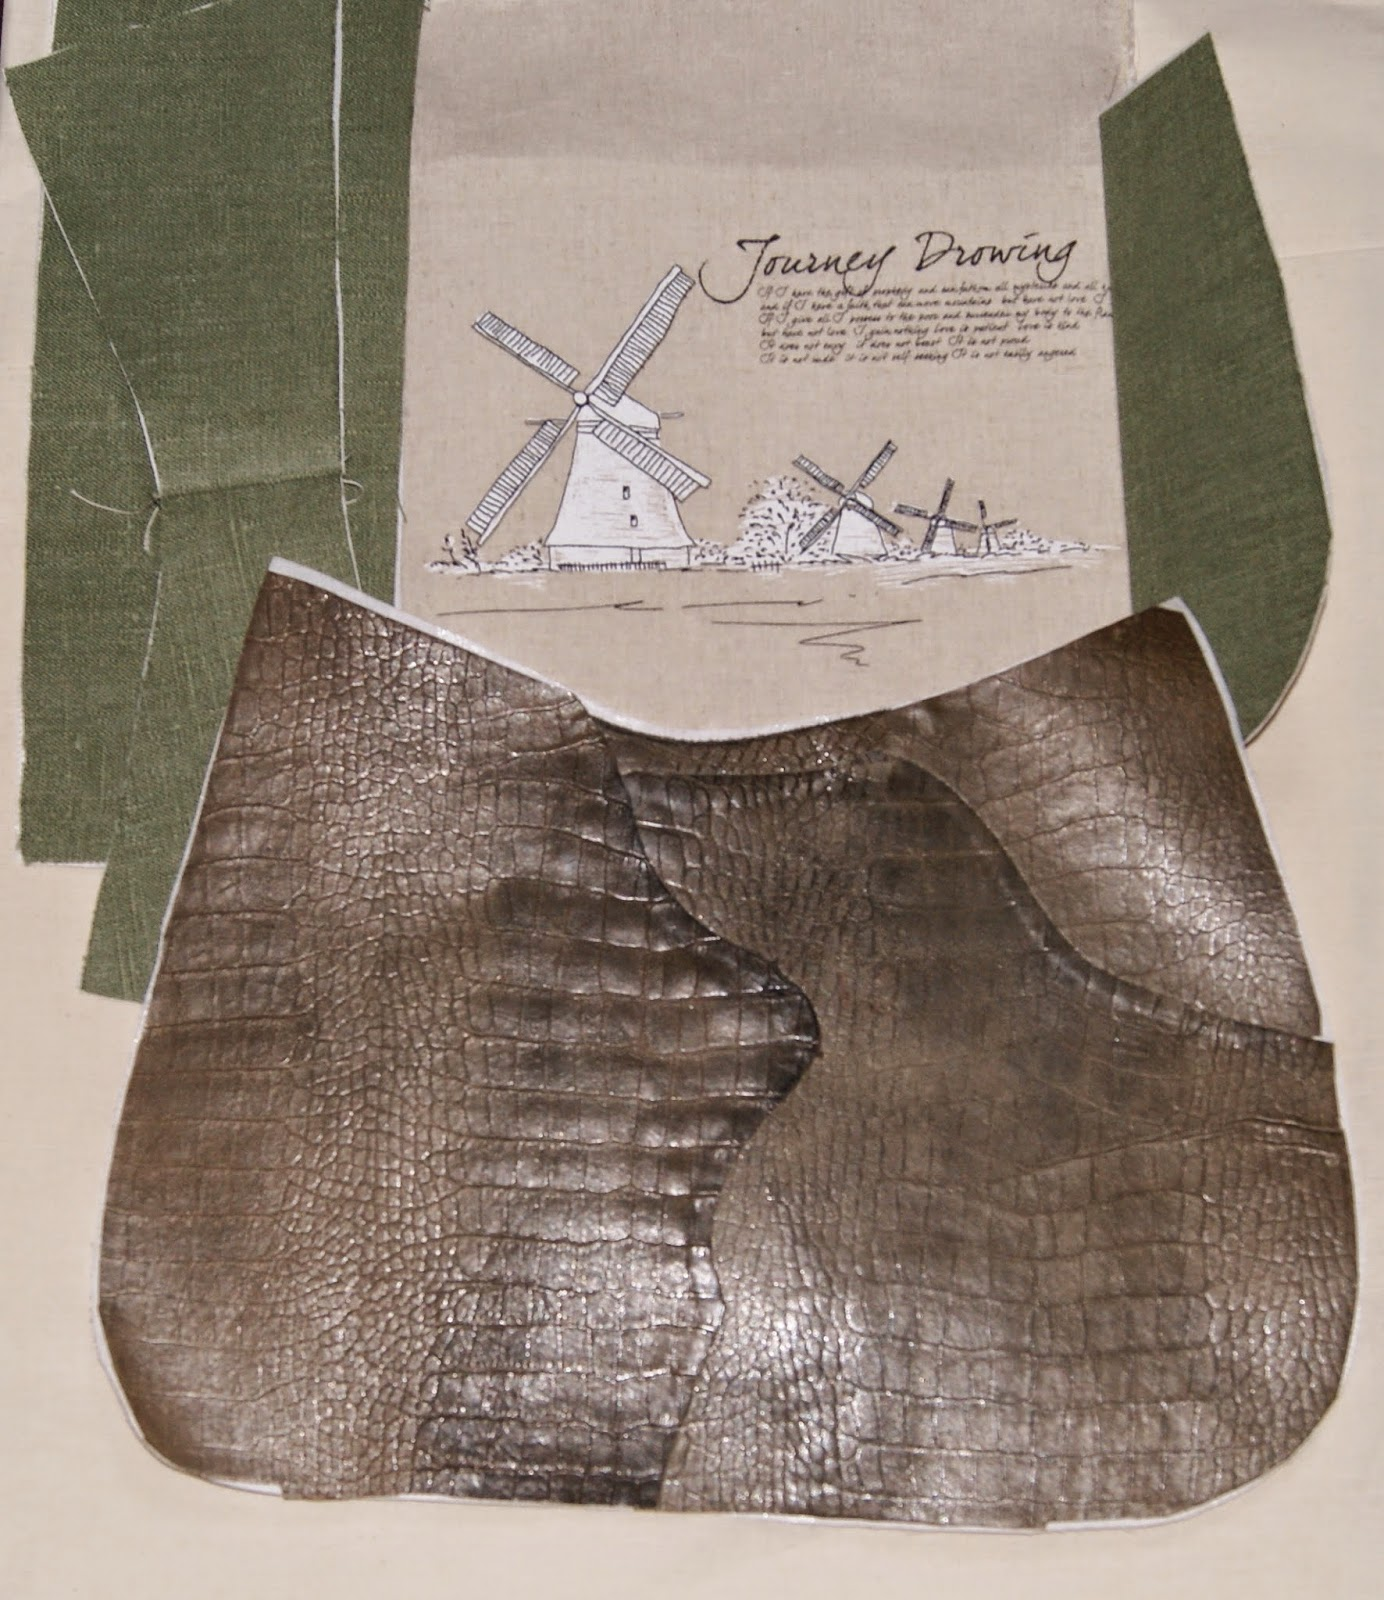 Сумка,кожа, лен, шью себе сама, сумка из кожи, сумка своими руками, пошить сумку, сумка из текстиля, сумка ручной работы, кожа, лен, лен с рисунком, сумка для себя, любимая сумочка. сумочка, женская сумка, кожа крокодила